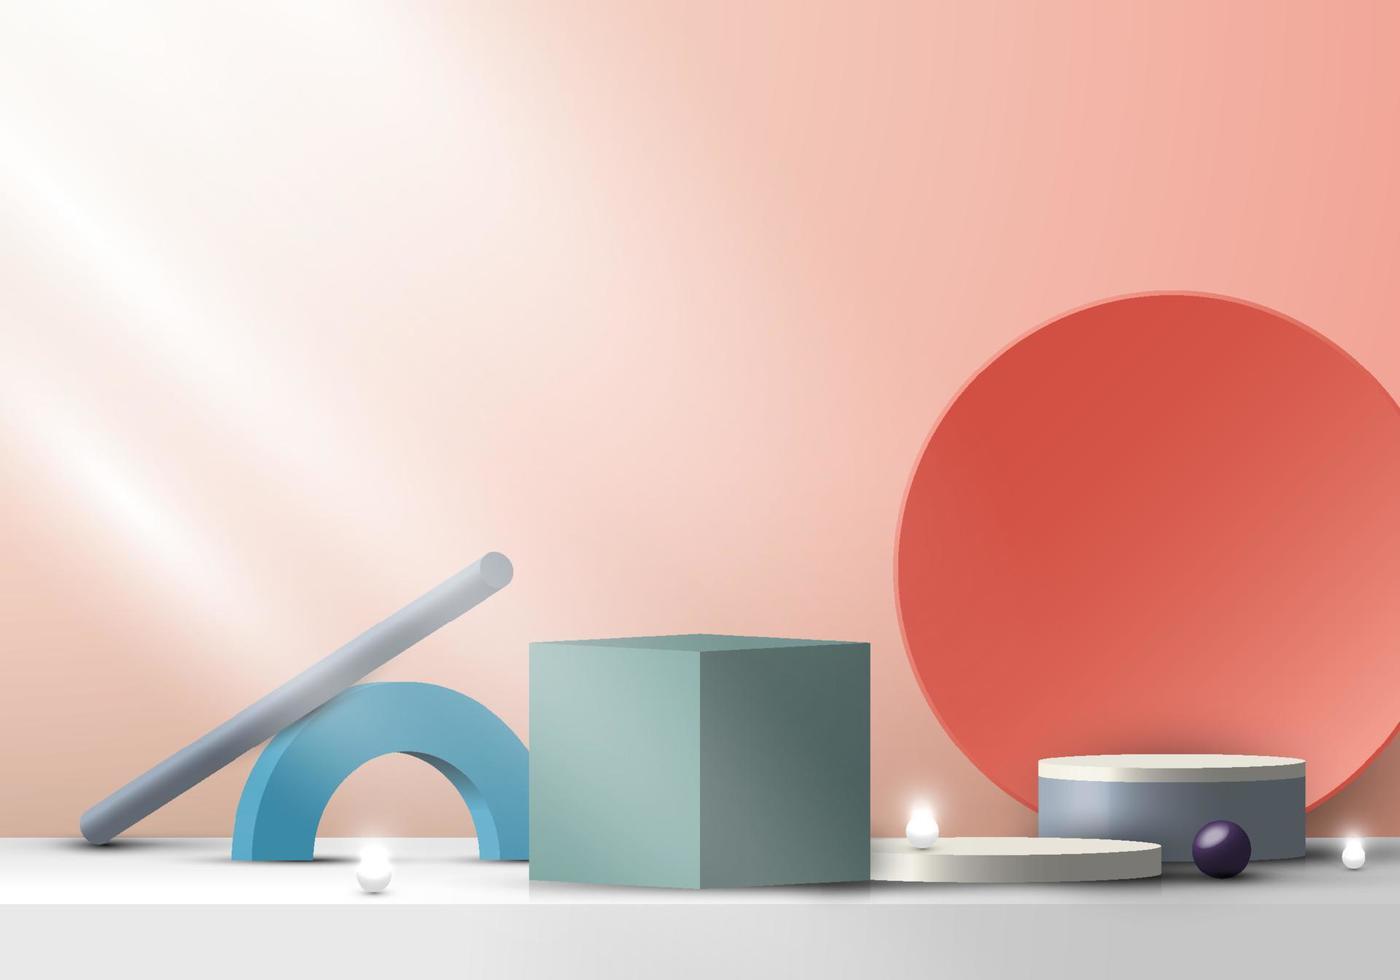 Composição de formas geométricas de grupo moderno 3D no palco para exibição de produto fundo mínimo da cena vetor